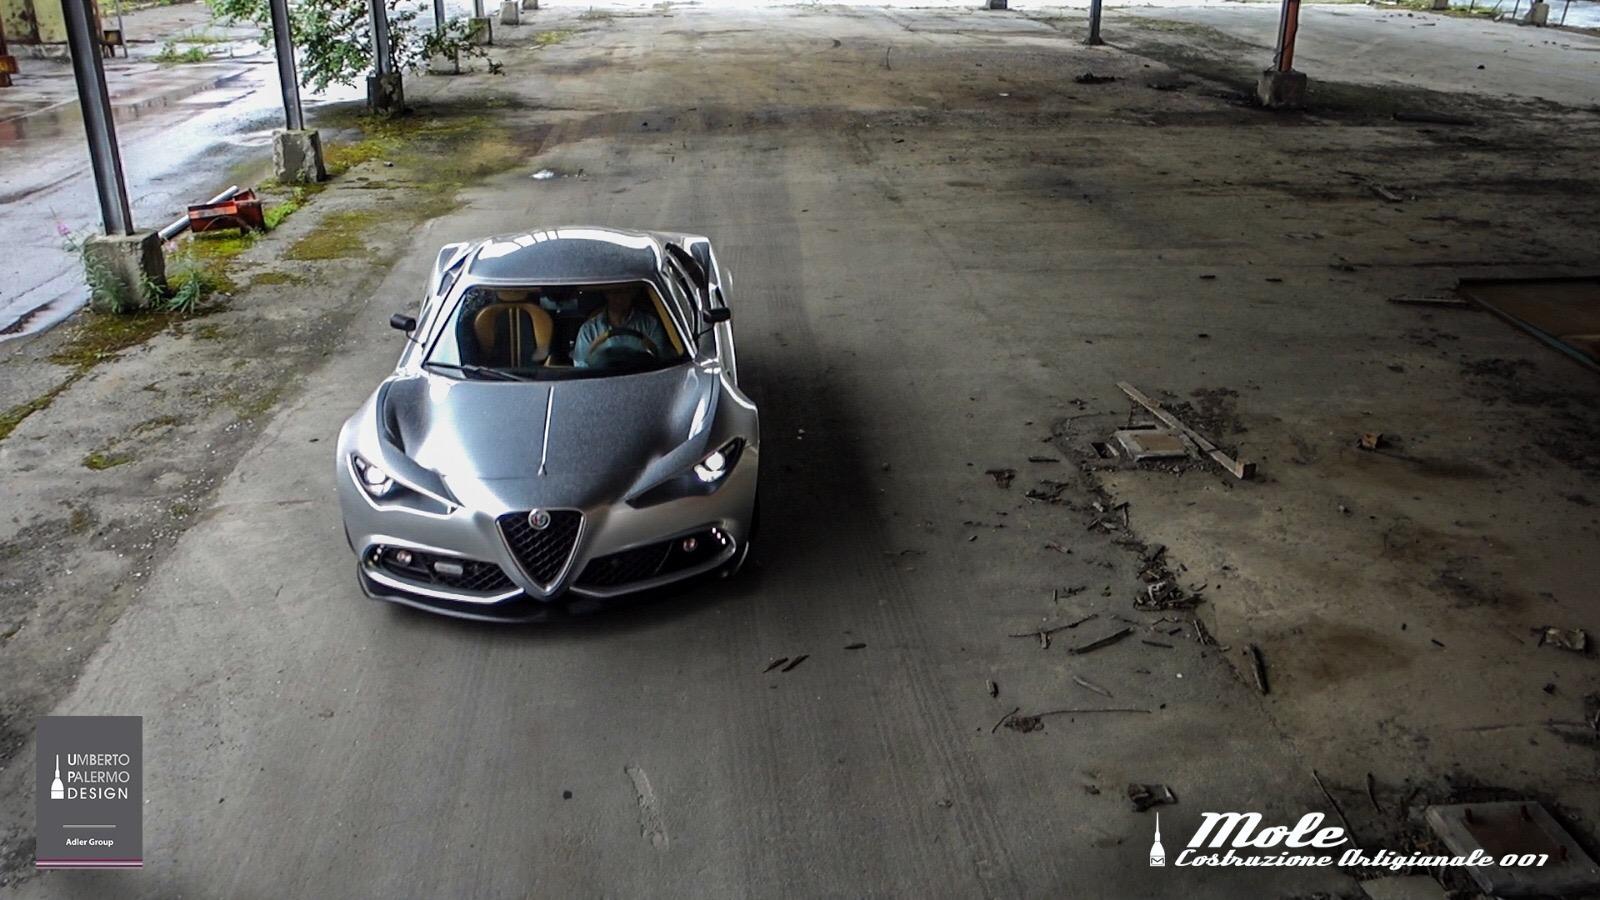 Mole Alfa Romeo 4c Mole